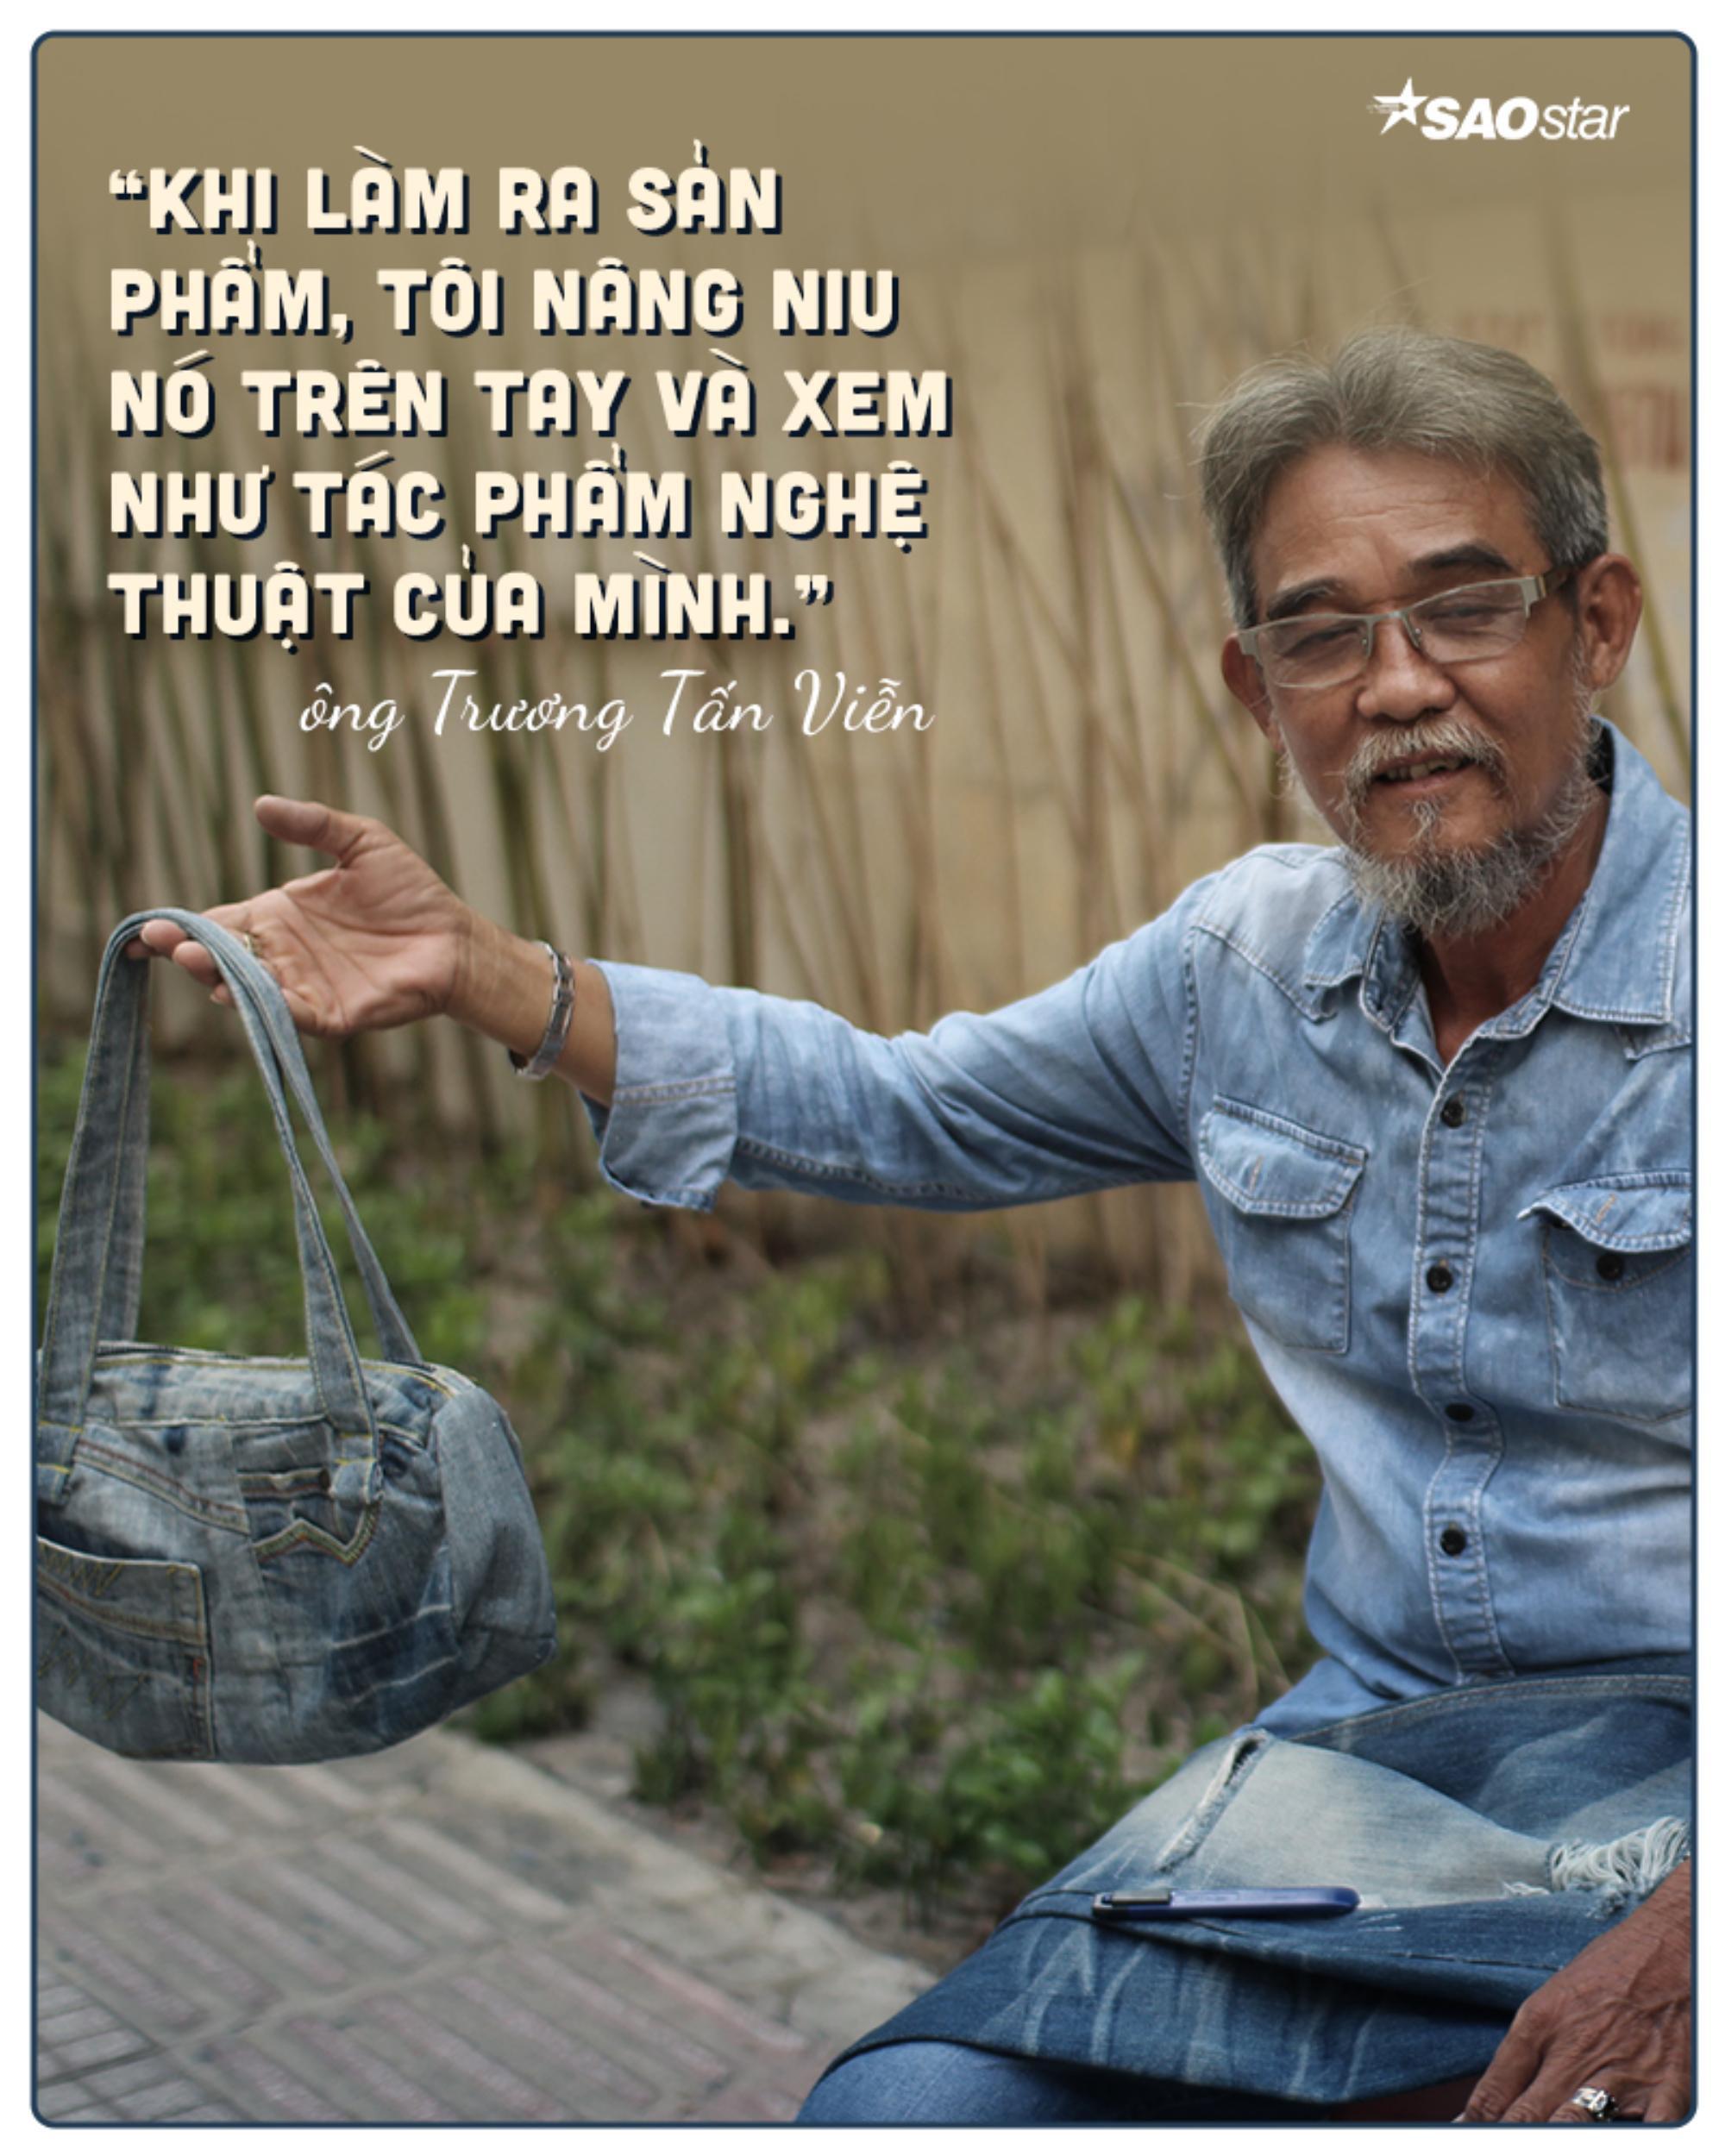 Chuyện nghề buồn vui của người đàn ông 30 năm làm nghề xé quần jean ở Sài Gòn Ảnh 7